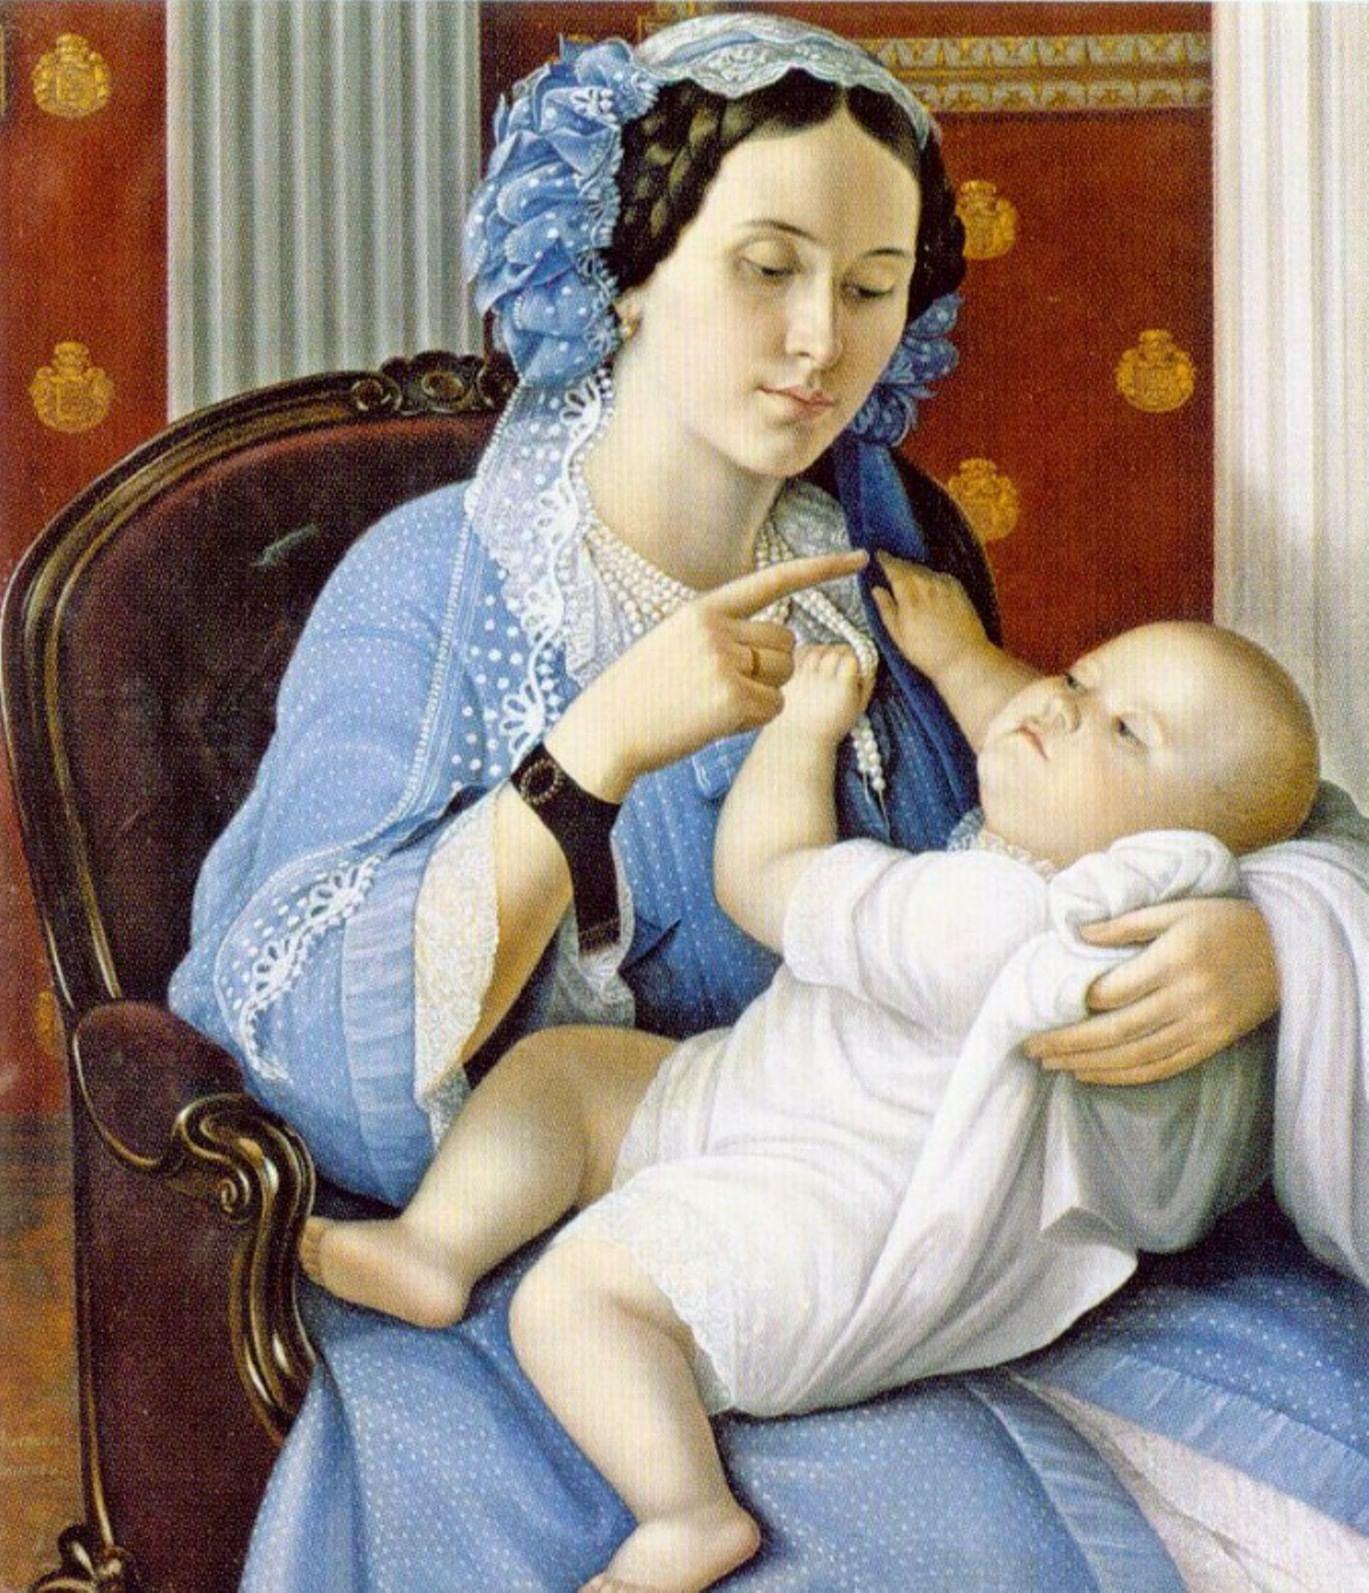 Вера, Надежда, Любовь и София: Самые красивые русские портреты. Галерея 5